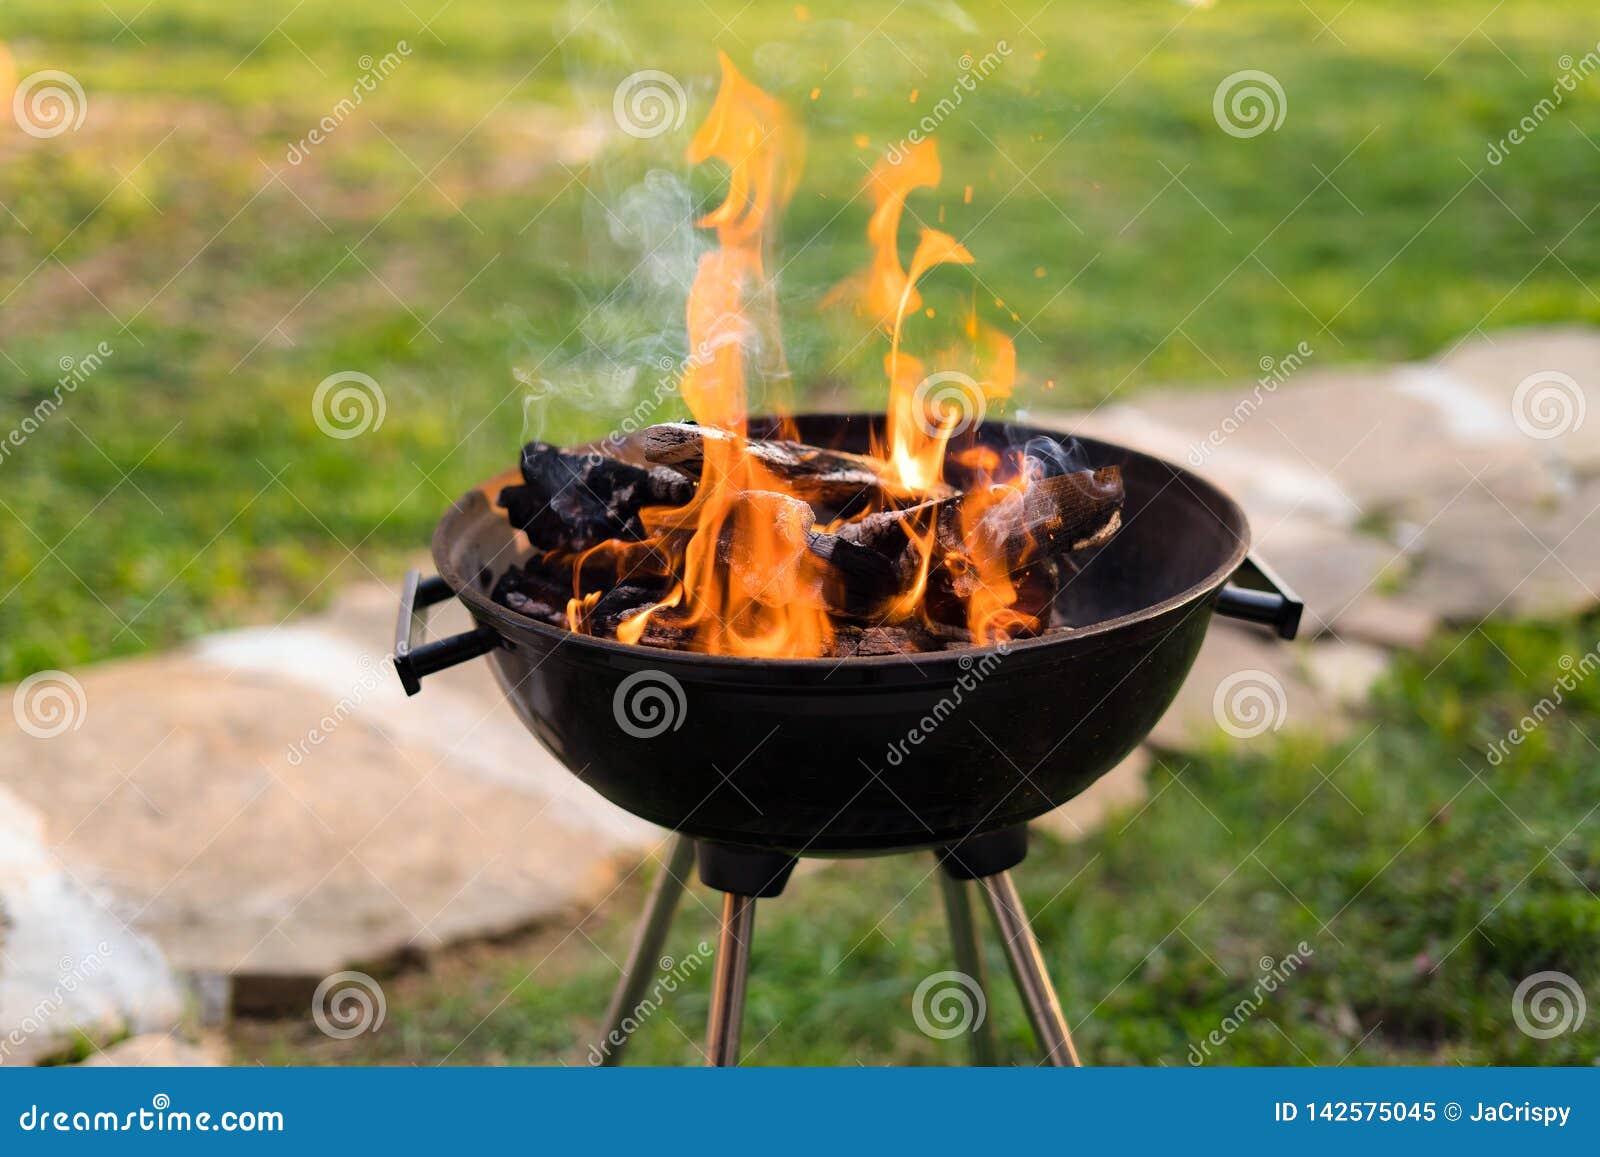 Madeira de queimadura na grade do assado, preparando carvões quentes para grelhar a carne no pátio traseiro Profundidade de campo